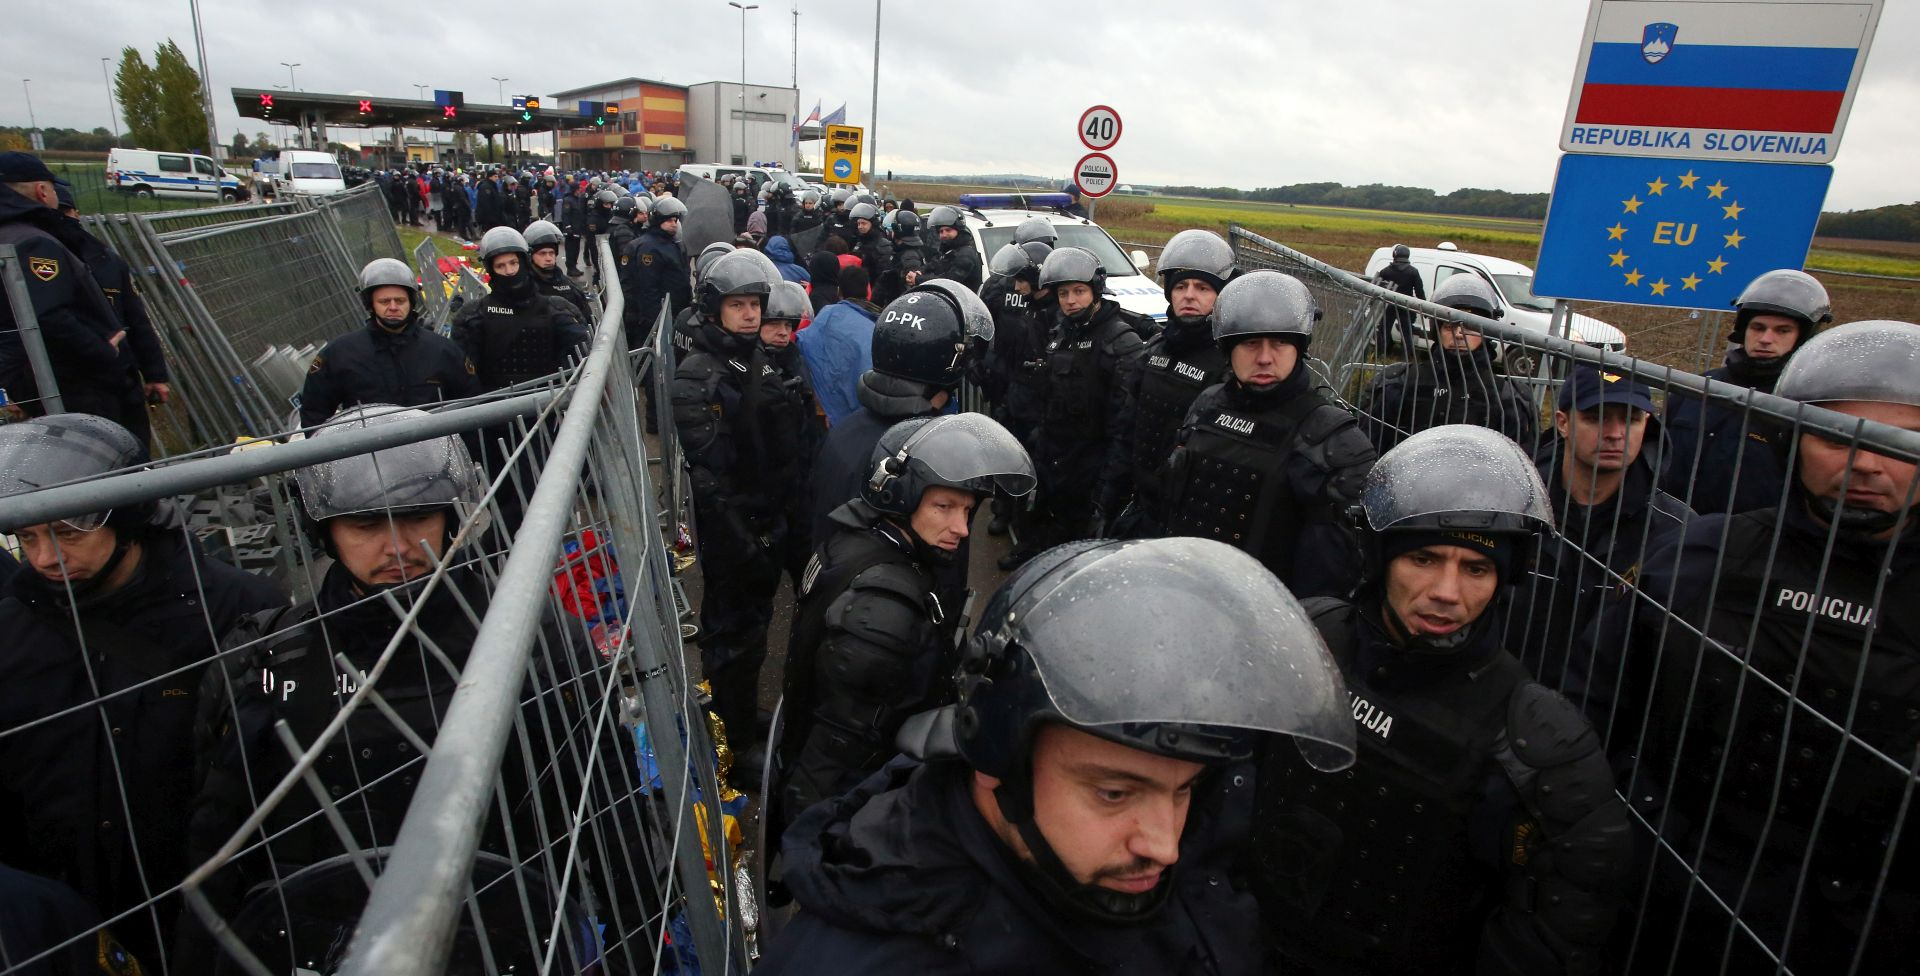 SLOVENIJA: Migrantski kamp u Šentilju skoro ispražnjen